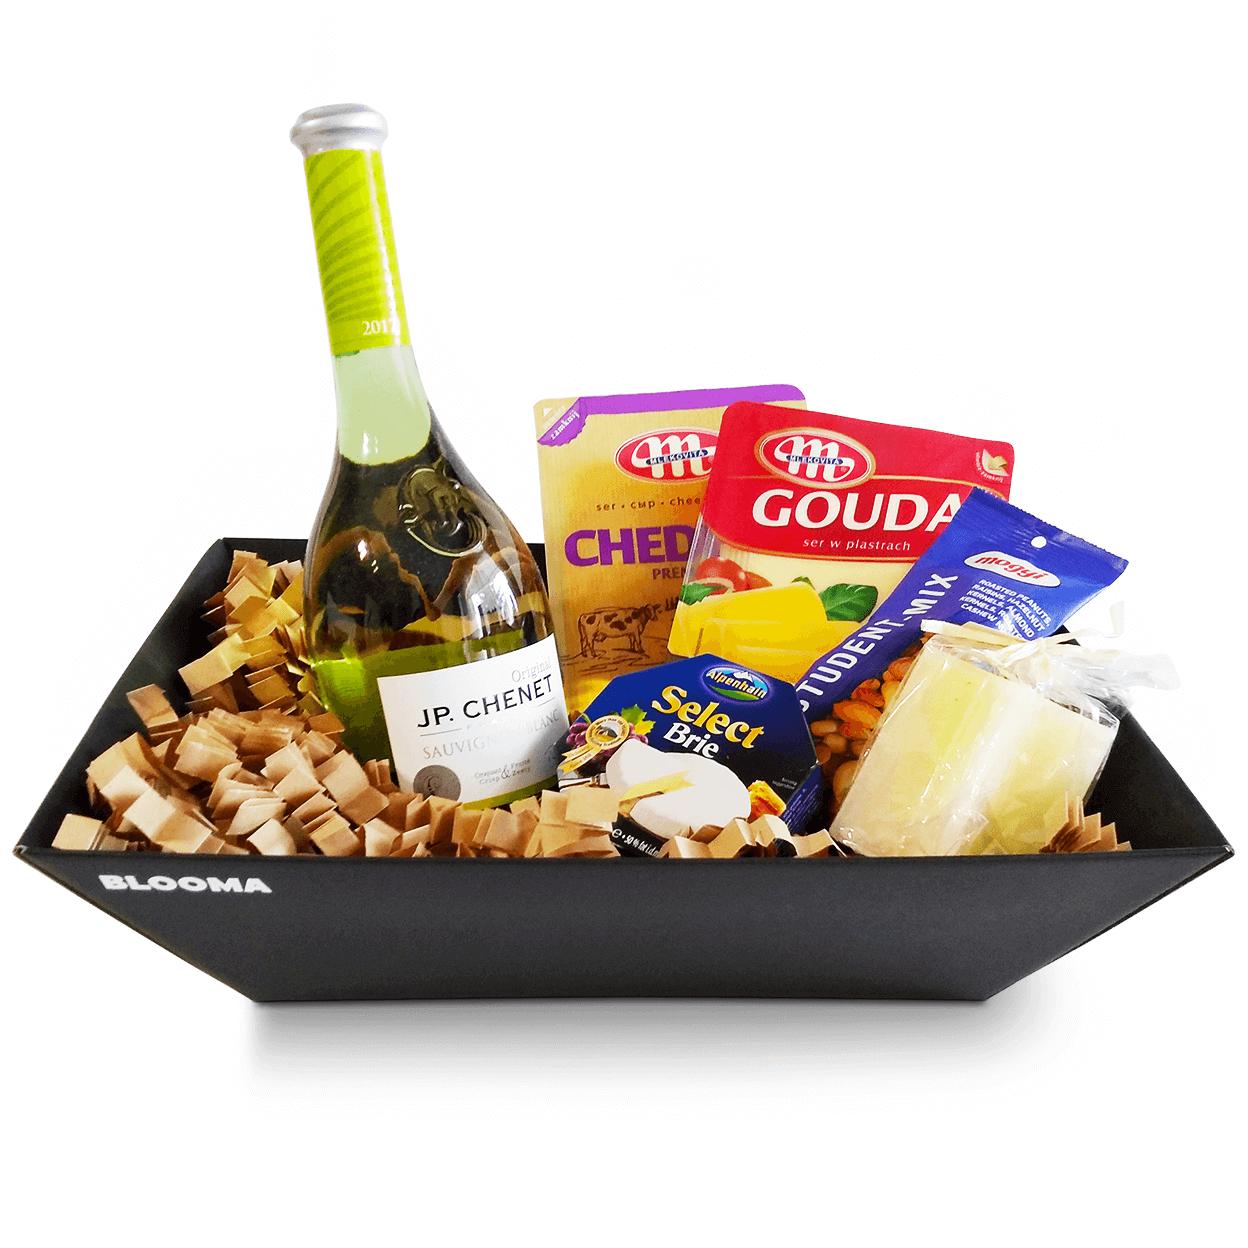 финес нова подаръчна кутия сирене чедър гауда и бри с 3 вида сирена jp chenet бяло вино микс от ядки декорирана с опакована ароматна свещ ванилия